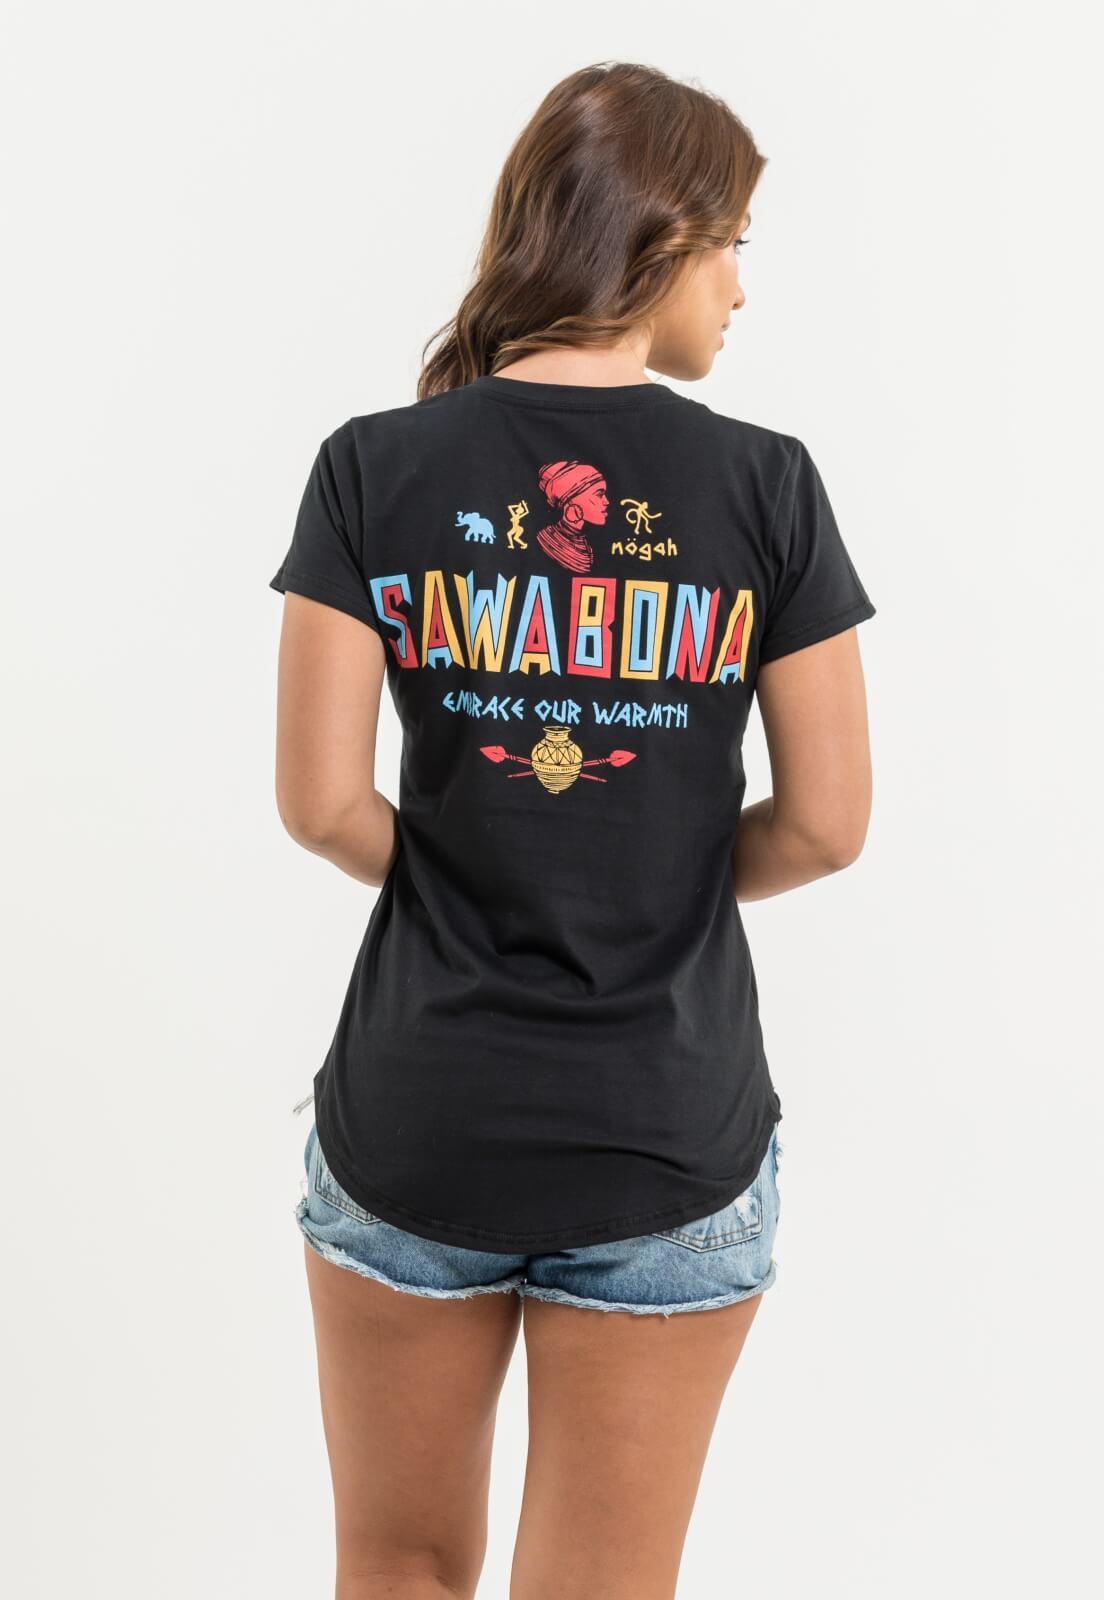 T-shirt Nogah Sawabona Preta